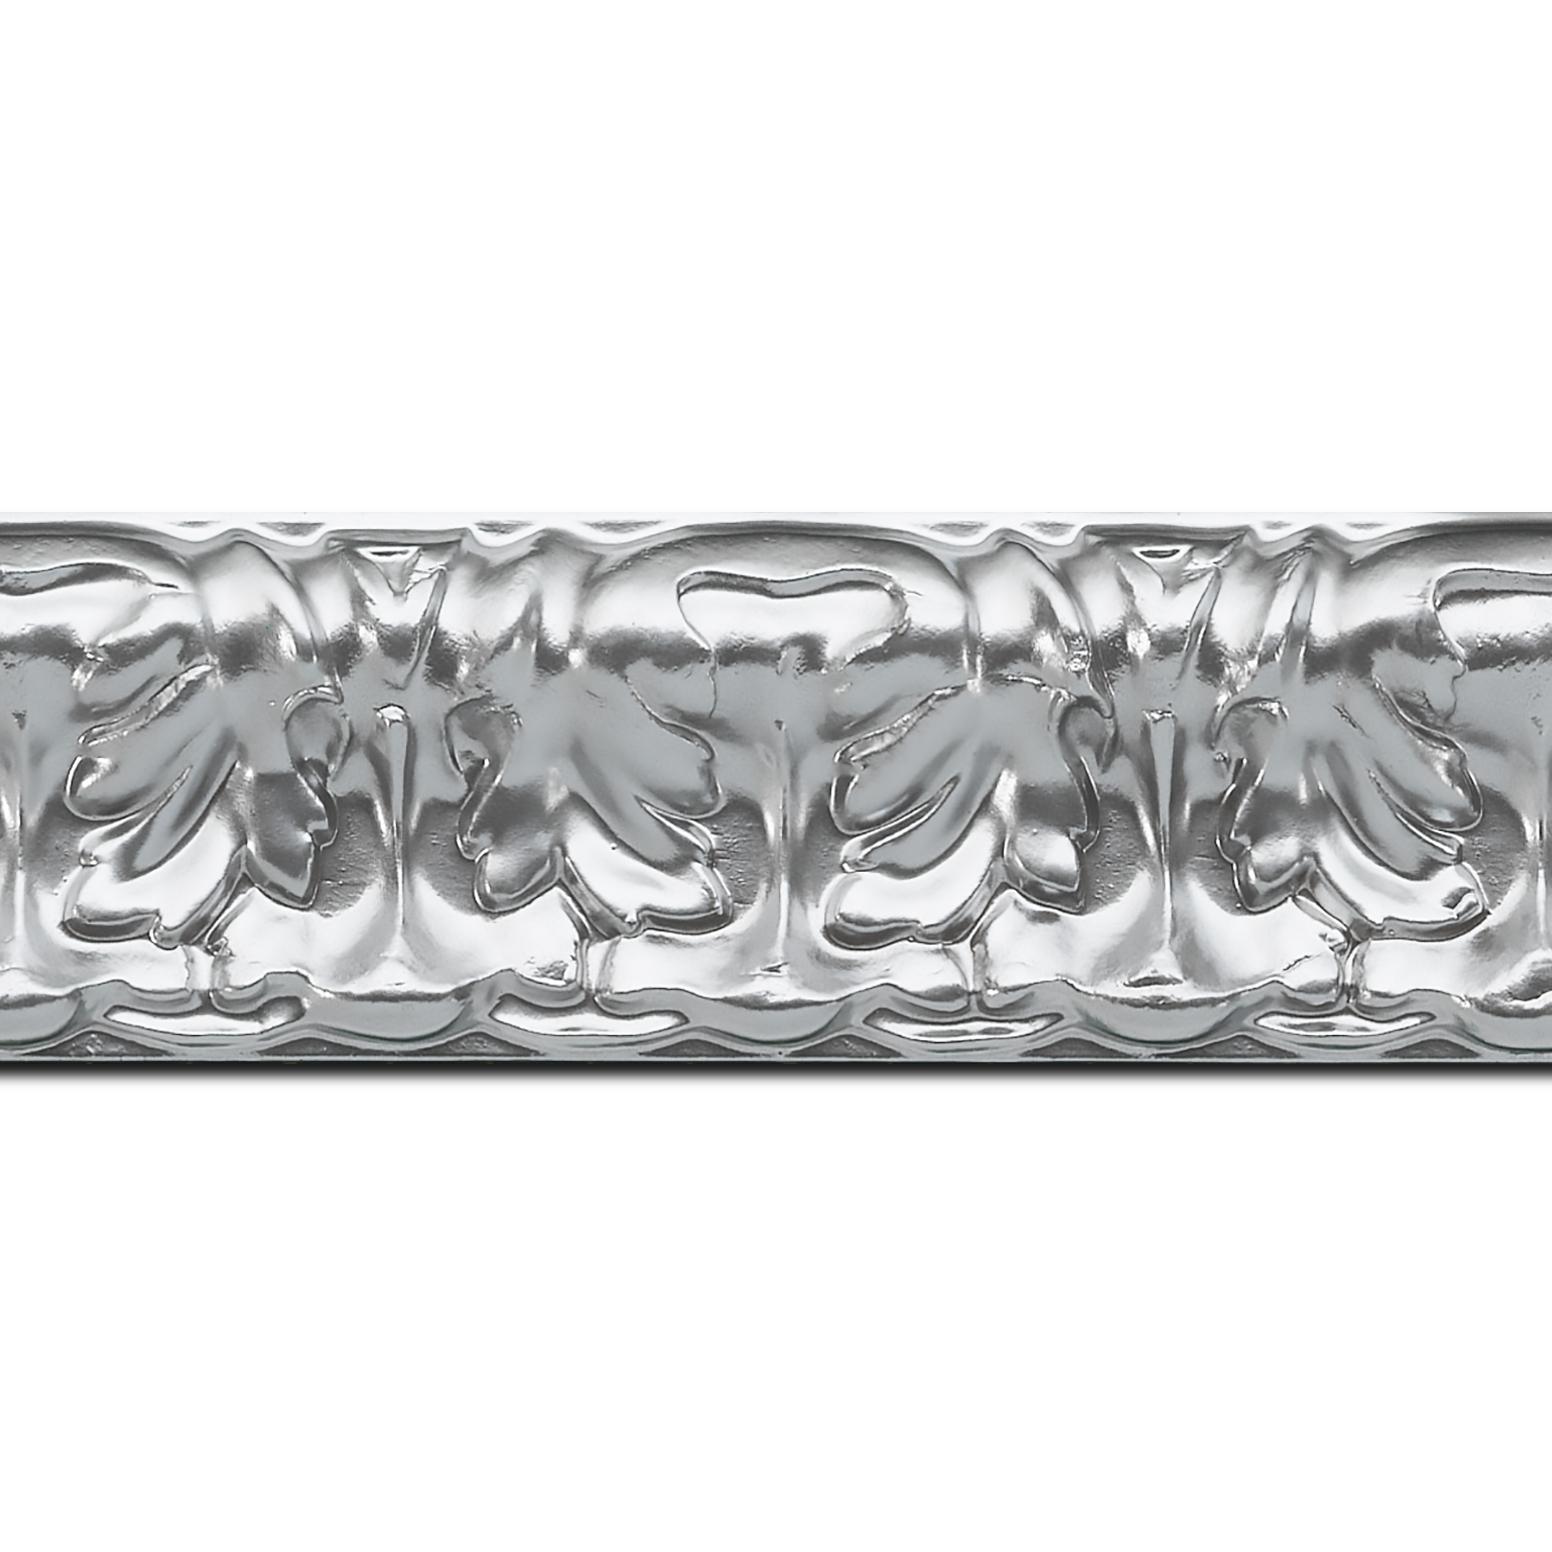 Baguette longueur 1.40m bois profil incurvé largeur 5.3cm couleur argent ckromé  style baroque